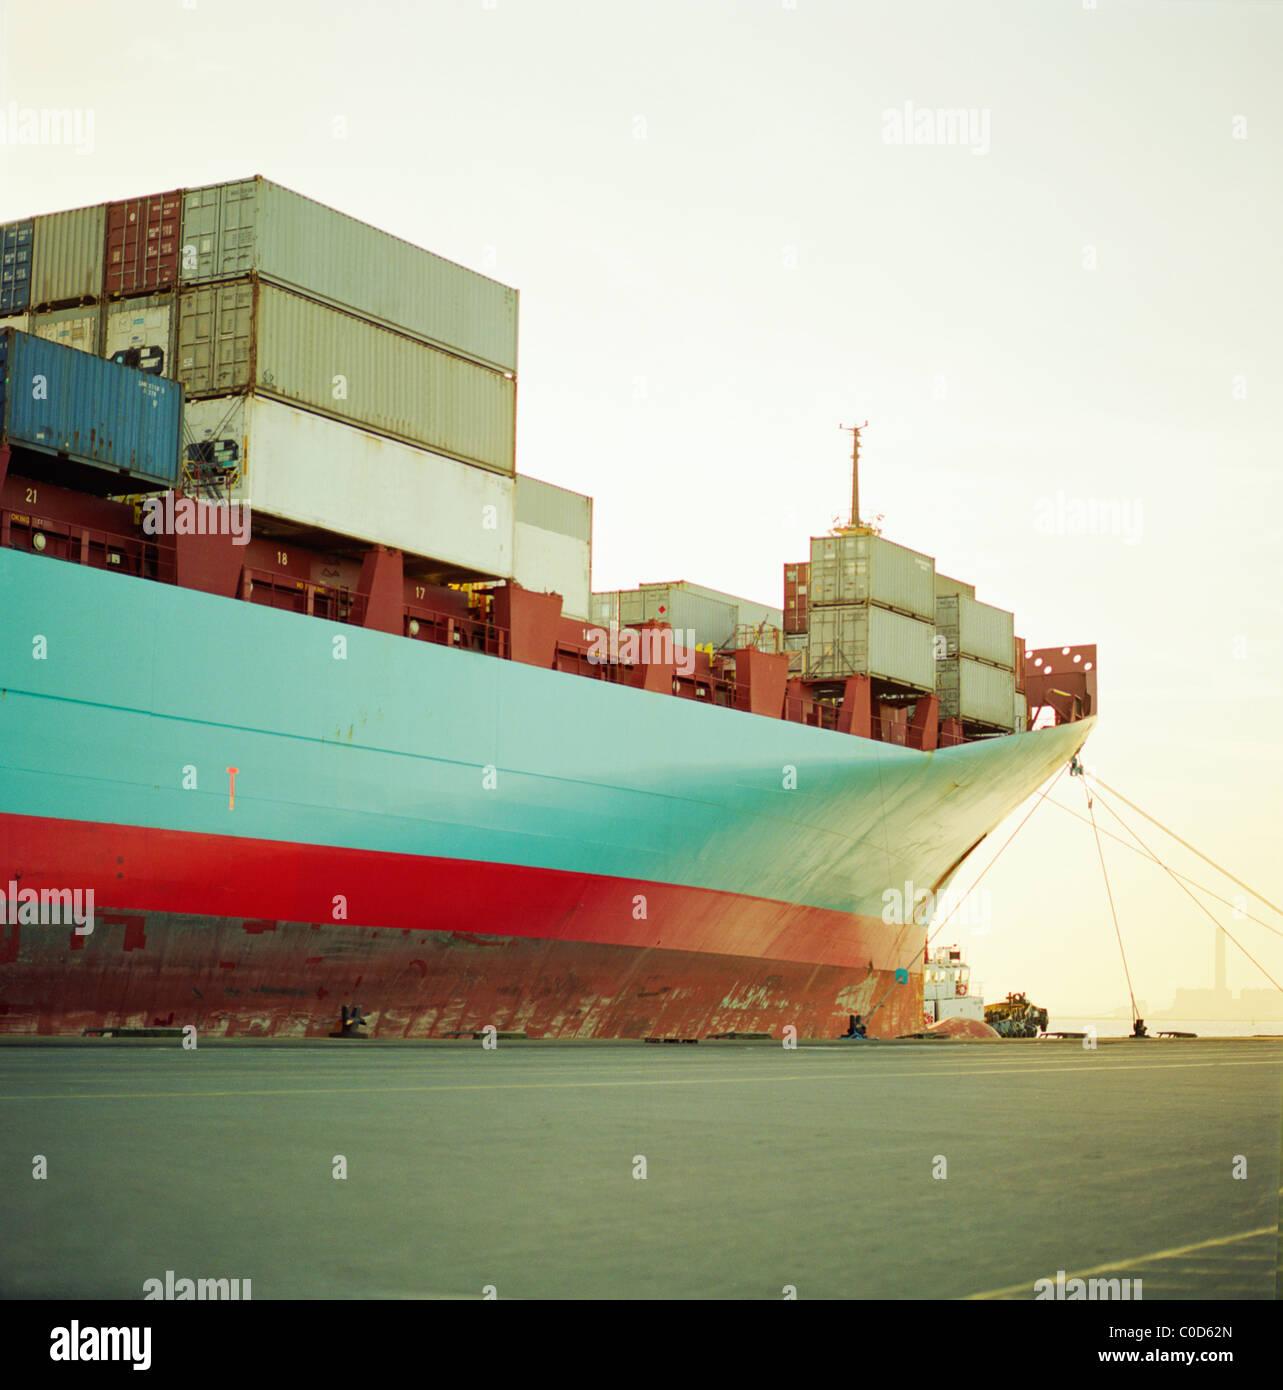 Una nave portacontainer in attesa in banchina completamente caricato Immagini Stock